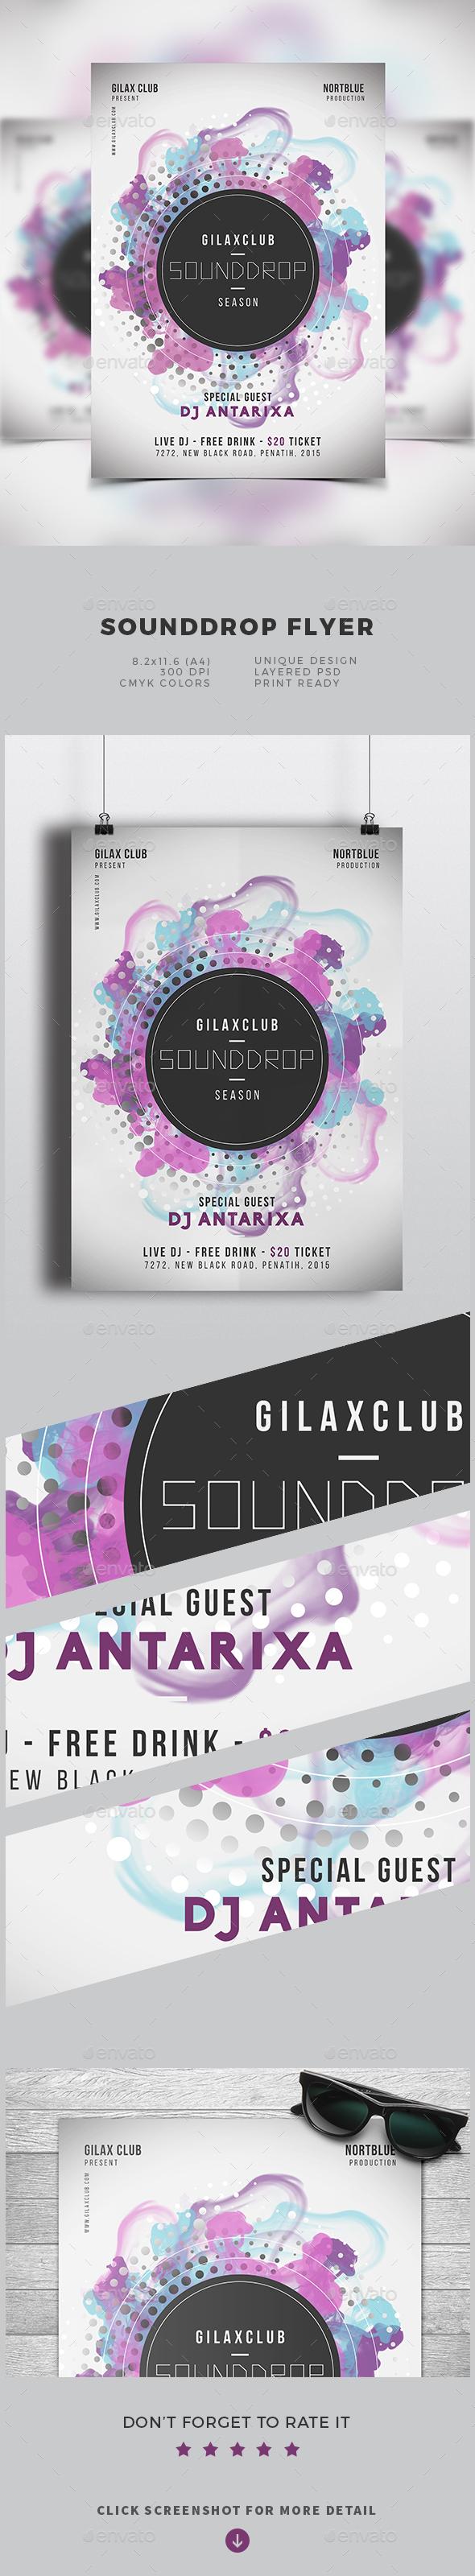 Sounddrop Flyer - Flyers Print Templates